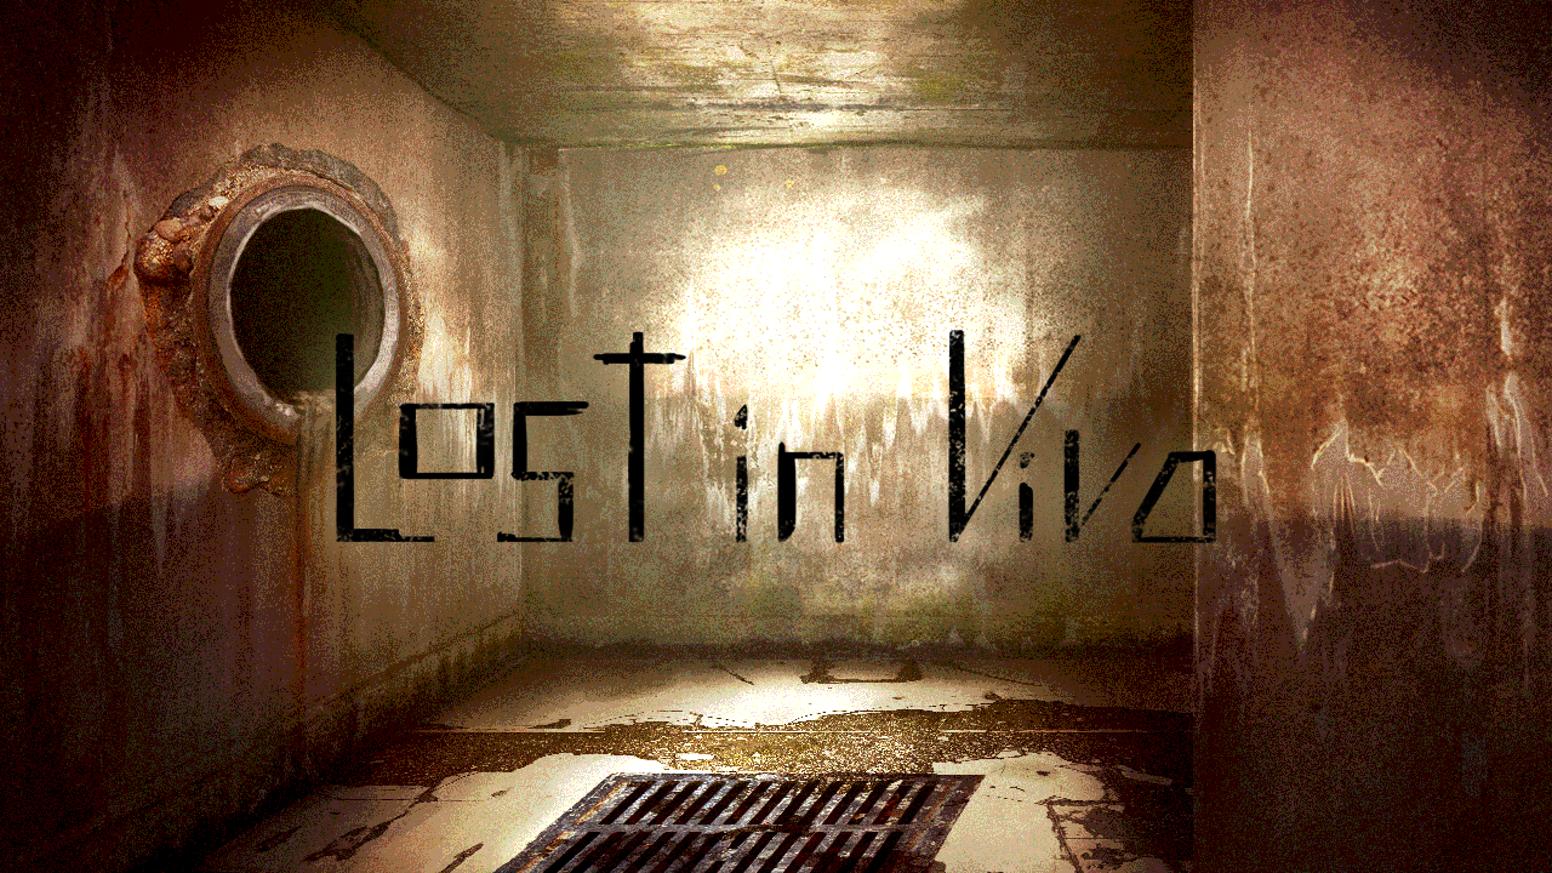 Lost in Vivo: Geistiges Erbe von Silent Hill